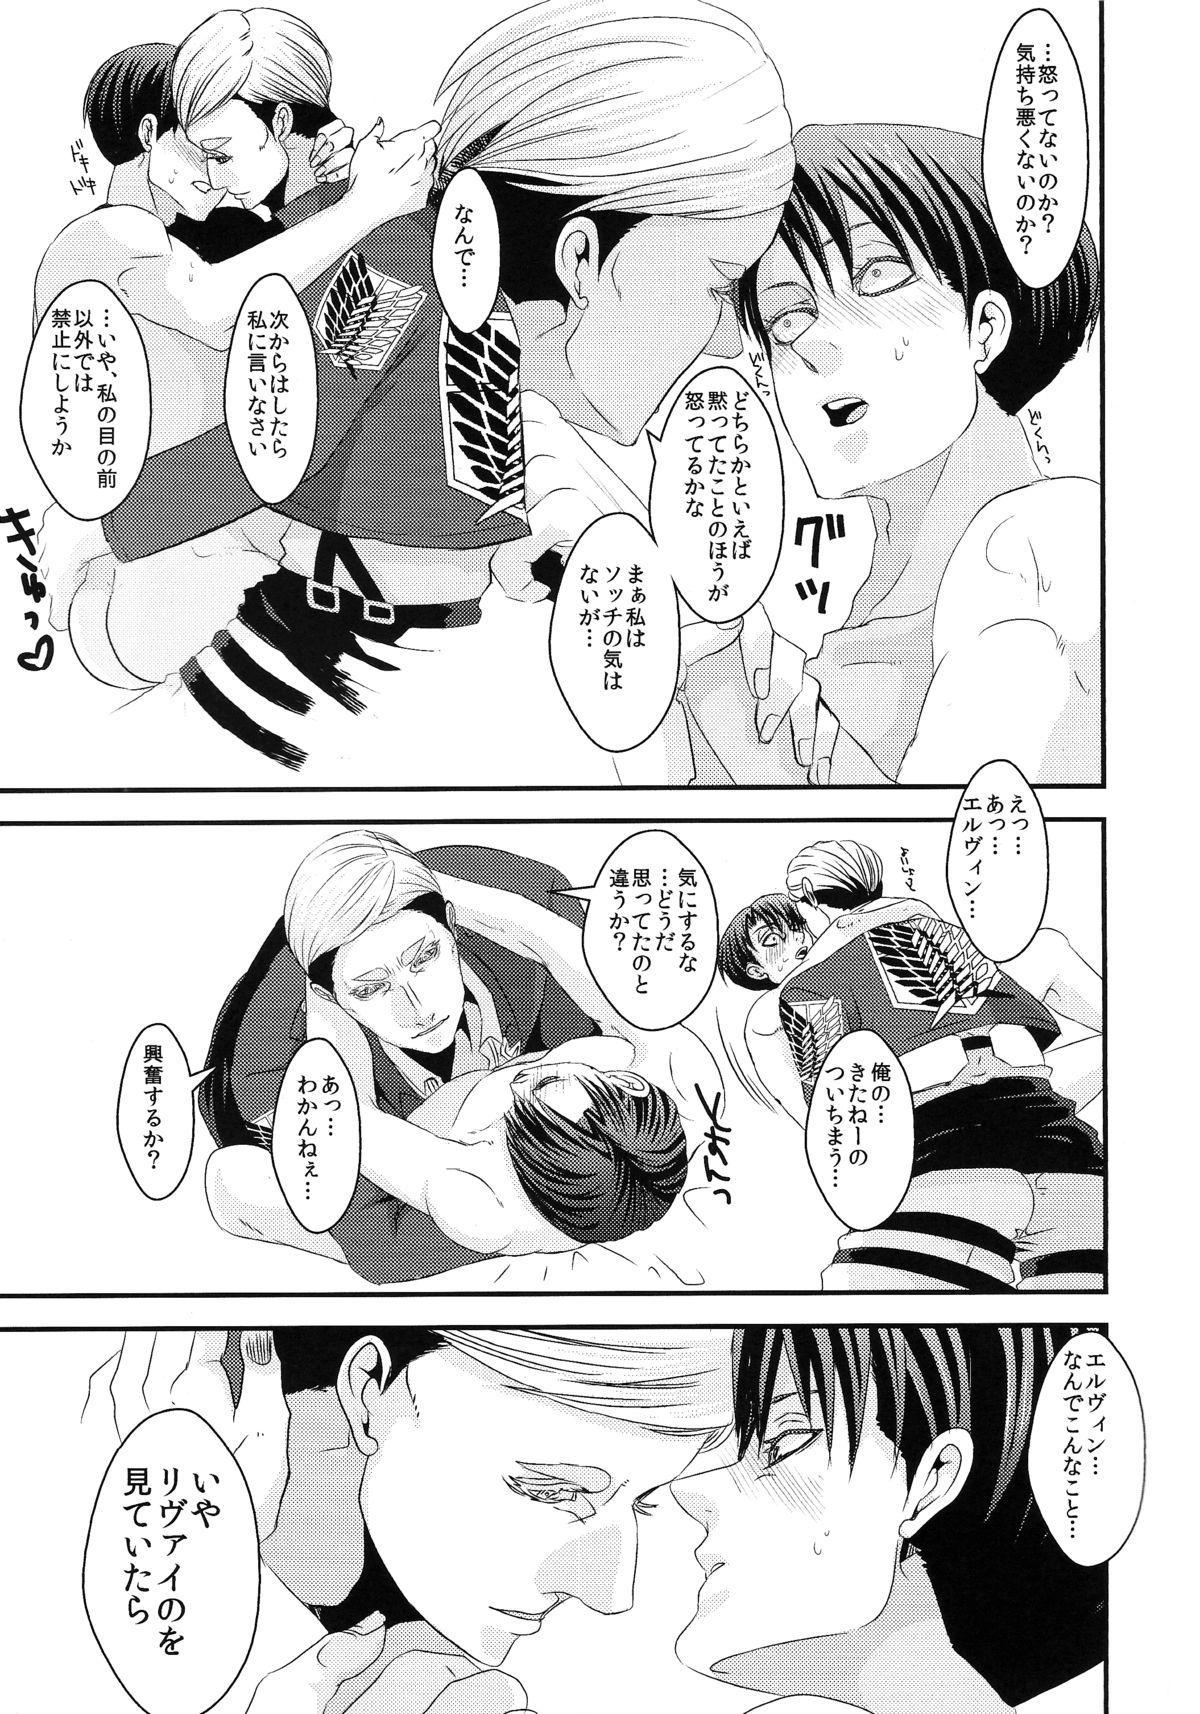 Ore no Kangaeta Ichiban Kantan na Kaiketsu Houhou o Warau Yatsu Korosu 18